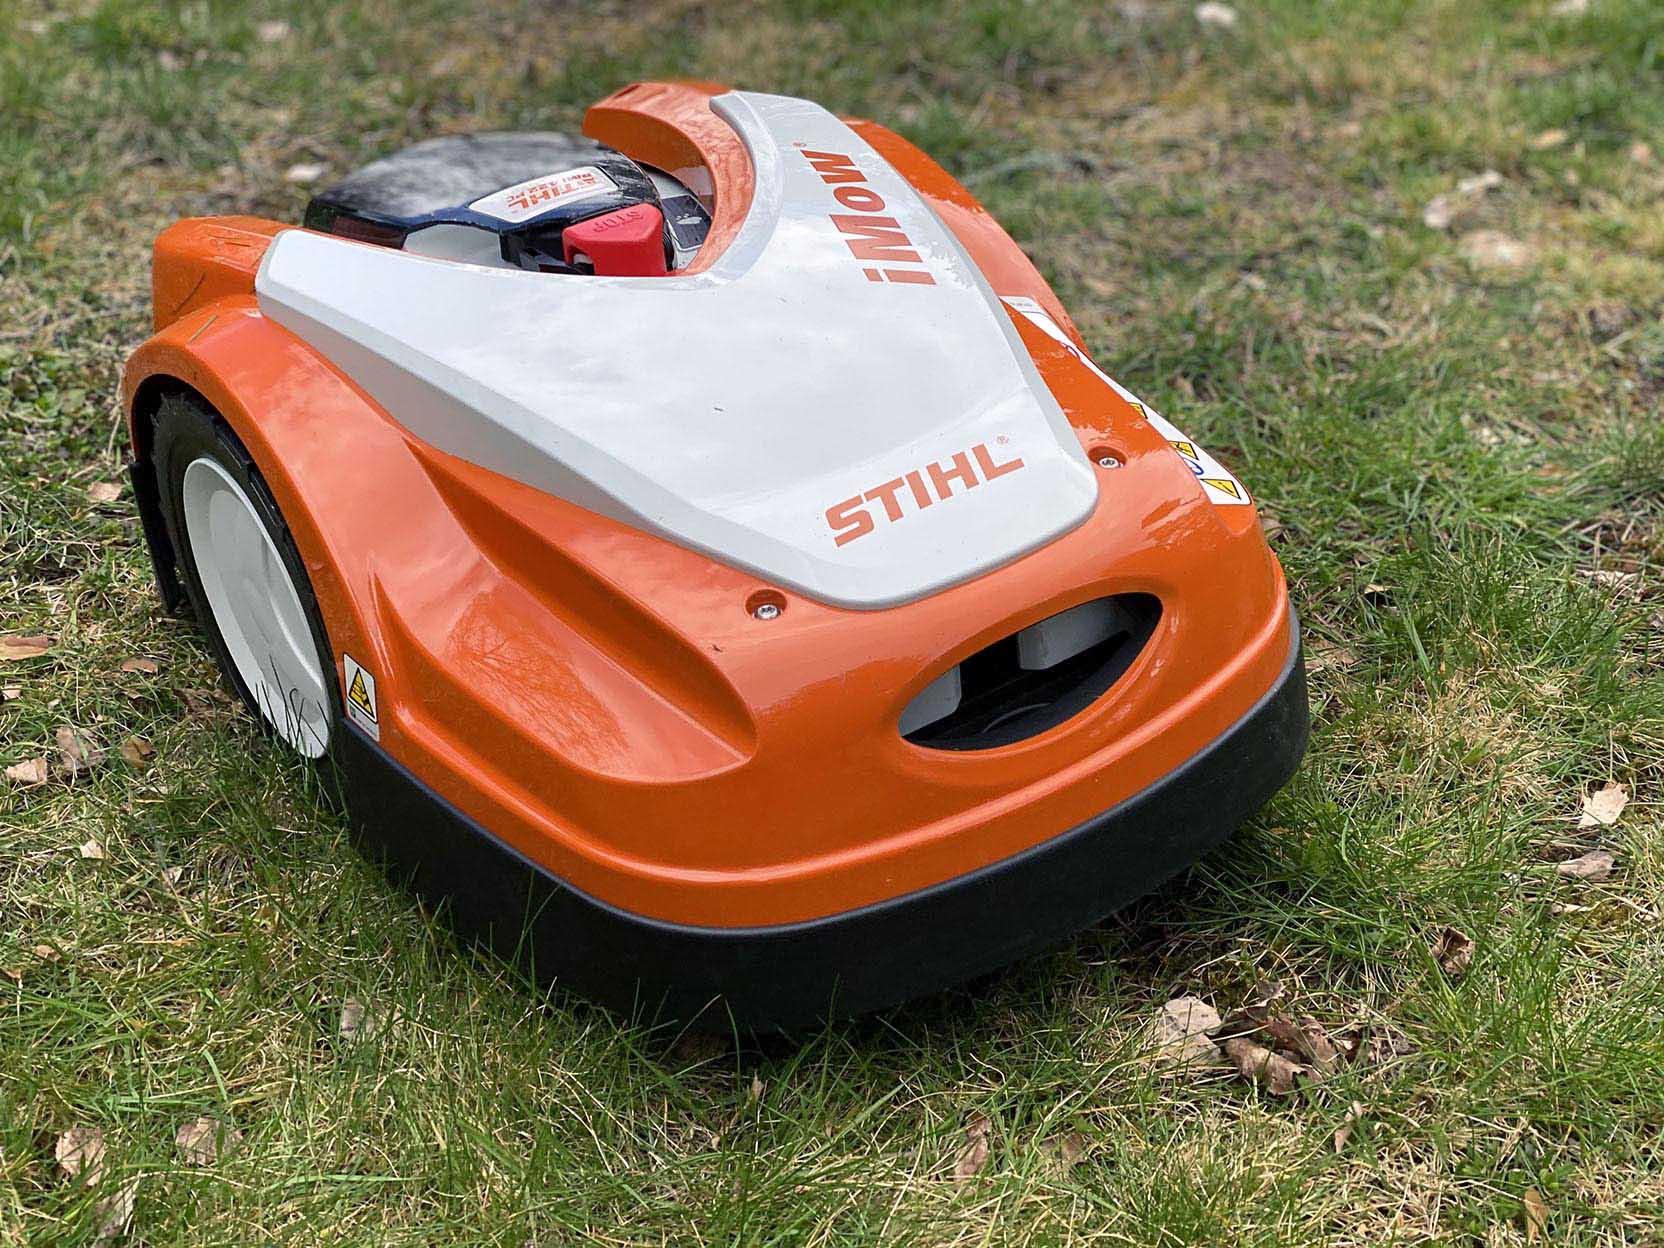 Stihl Imow RMI 422 PC är en kompakt och lätt robotgräsklippare med bra användargränssnitt